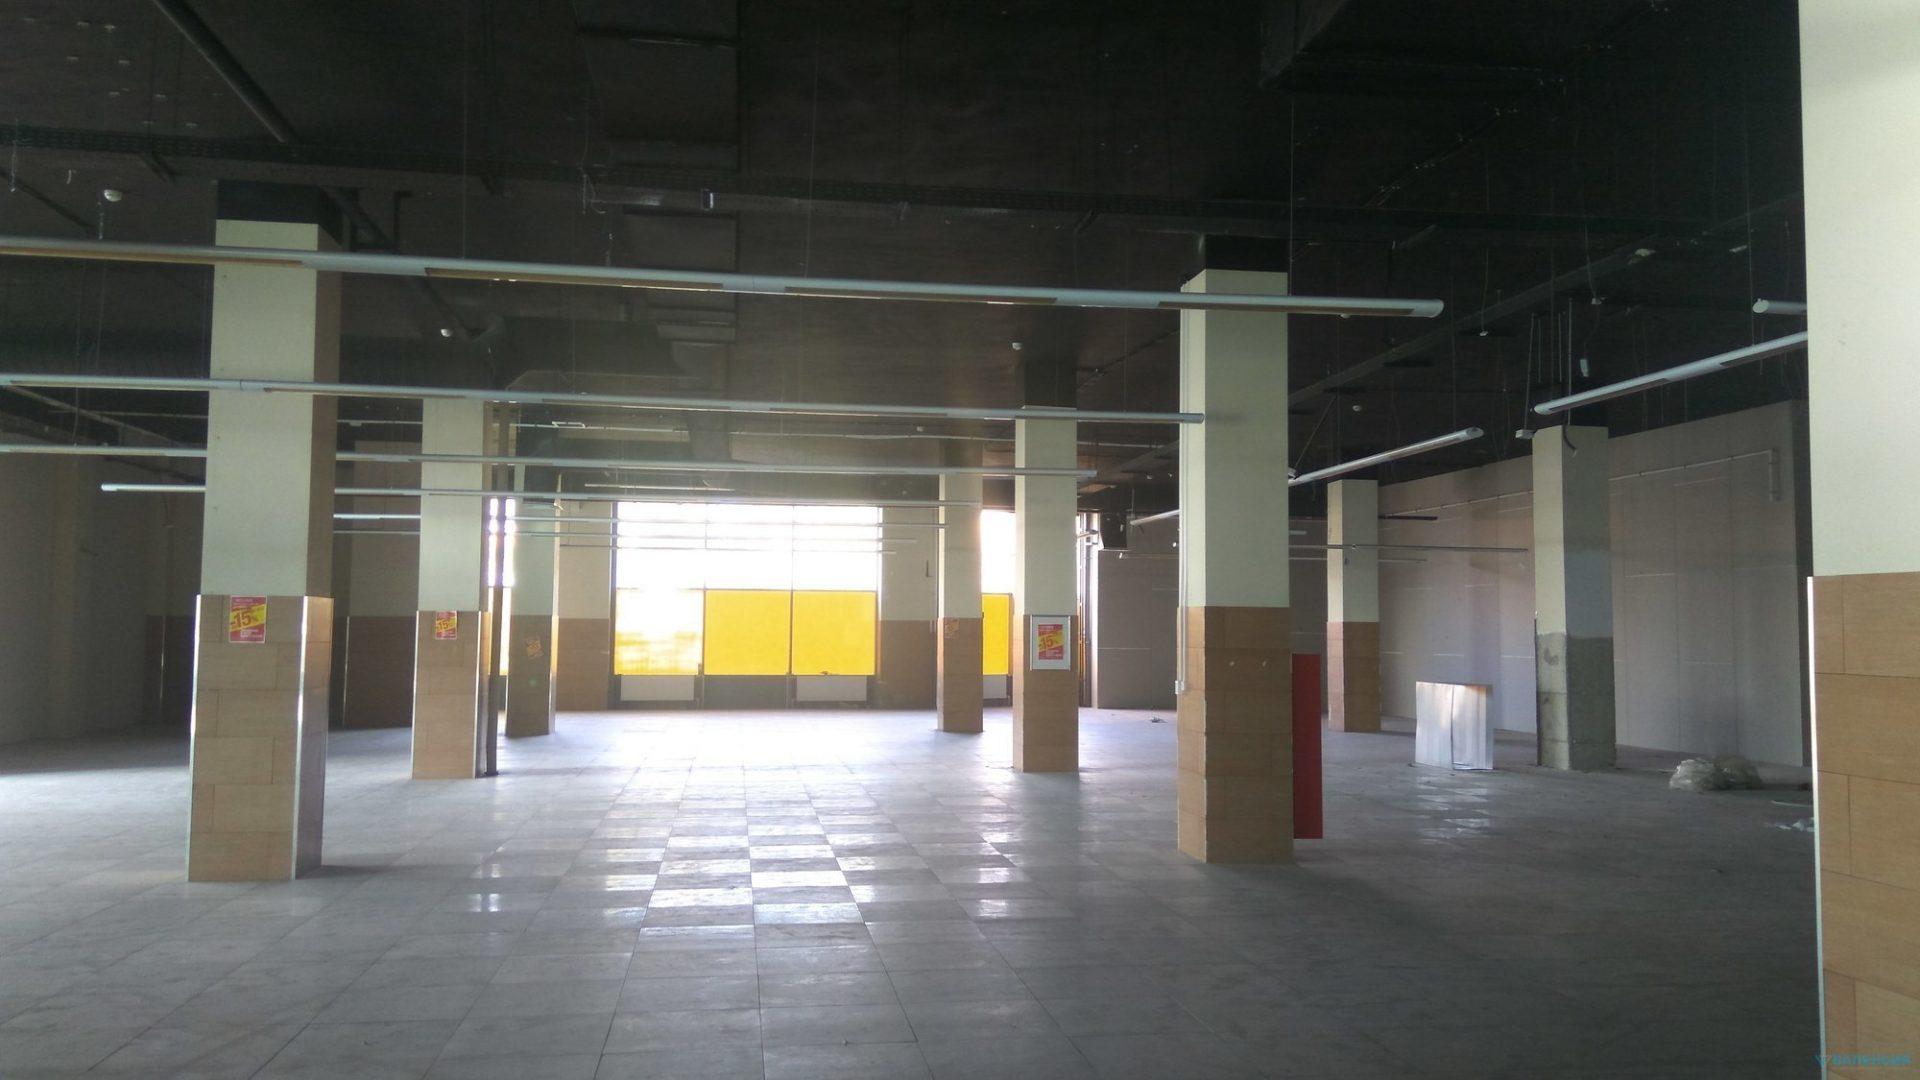 Предлагаем в аренду торговую площадь 2200м2 на 1эт в МФК «ПАРГОС», первая линия Выборгского ш. 369